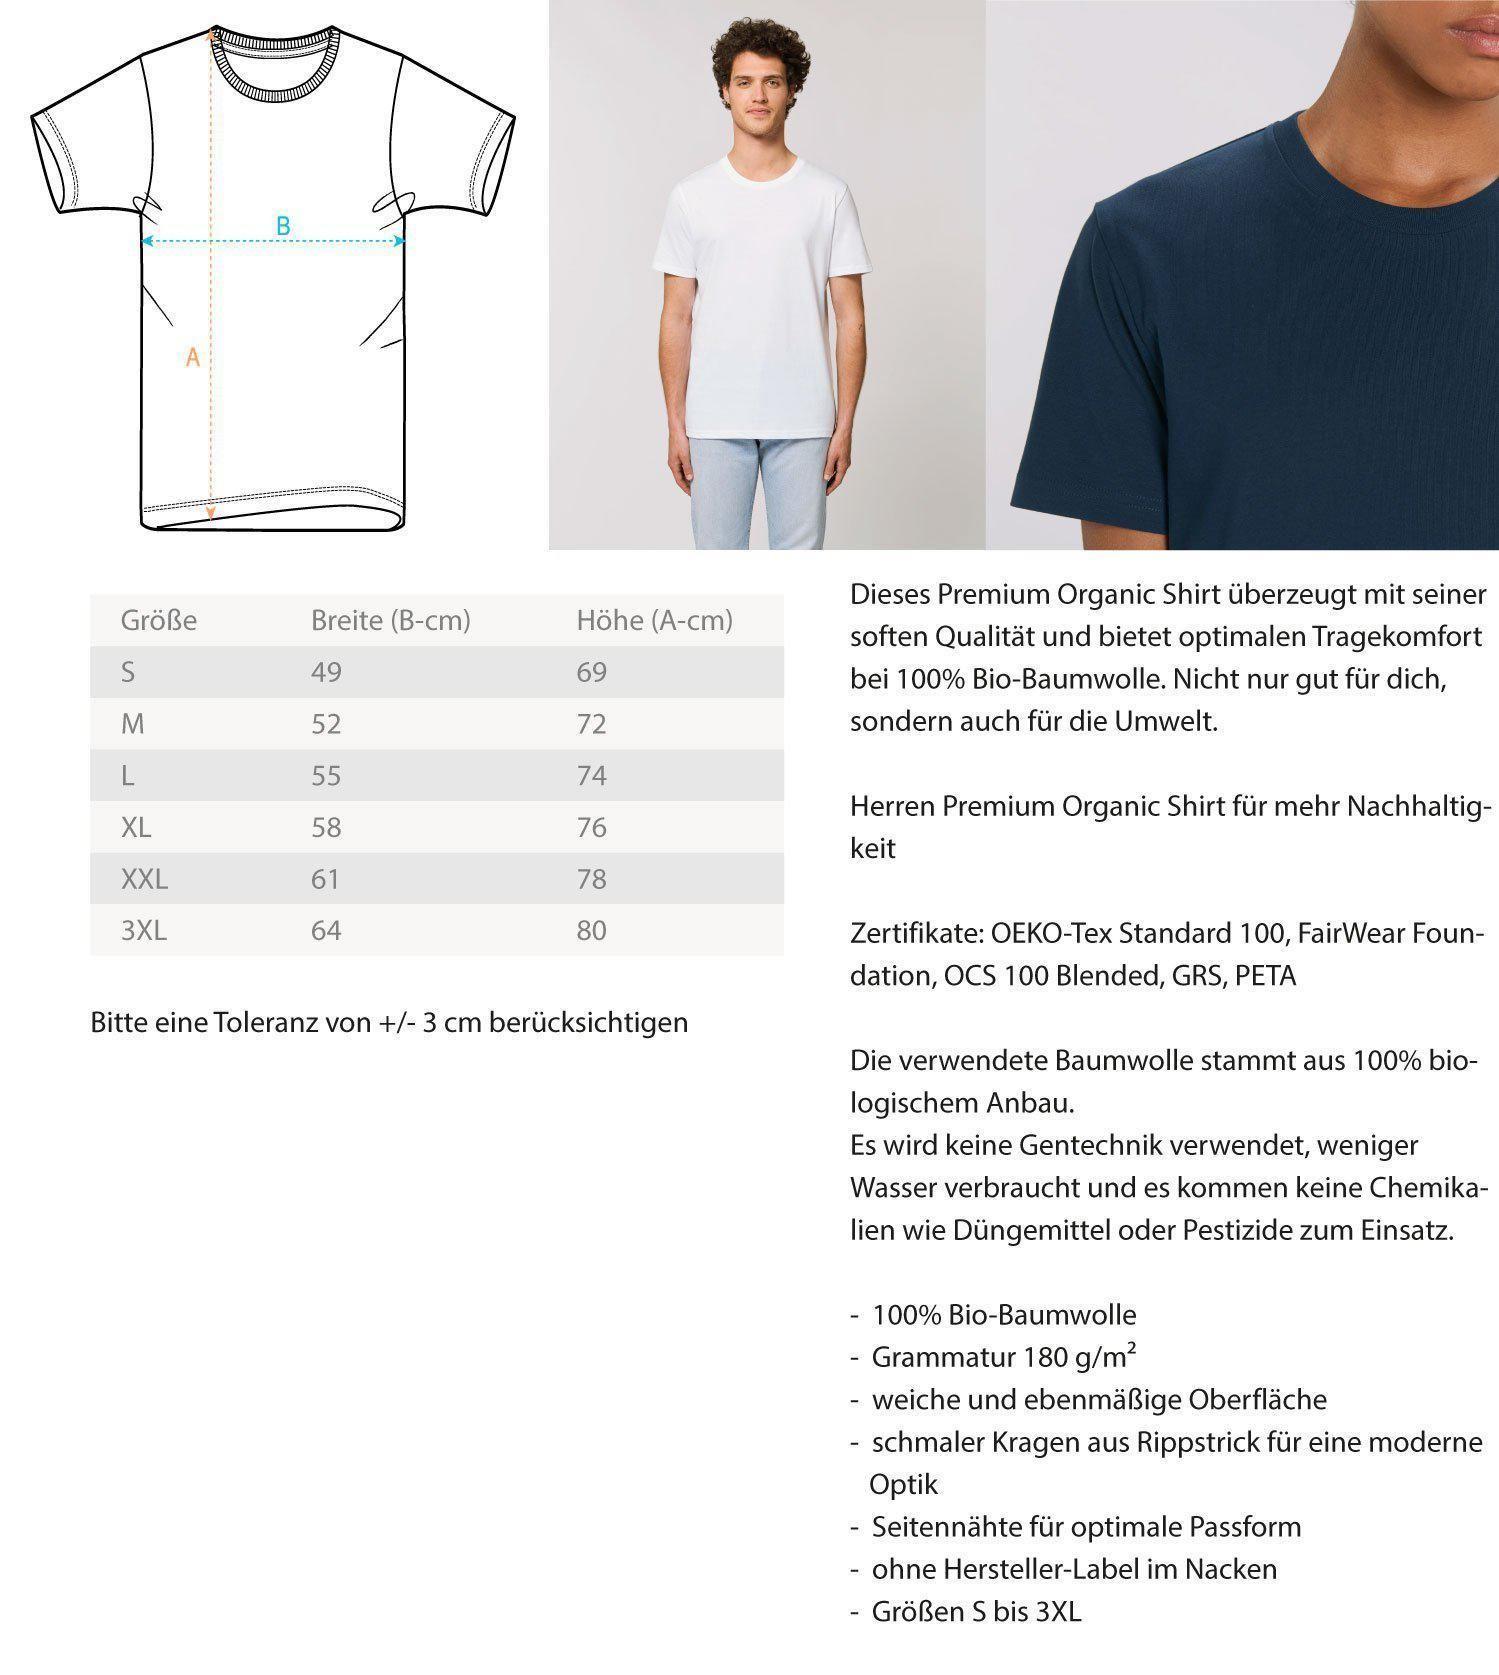 Dieses Premium Organic Herren Shirt überzeugt mit seiner soften Qualität und bietet optimalen Tragekomfort bei 100% Bio-Baumwolle. Nicht nur gut für dich, sondern auch für die Umwelt. Das Premium Organic Shirt eignet sich außerdem hervorragend als Geschenk für deine Liebsten, egal ob zum Vatertag, Muttertag, Weihnachten oder Geburtstag. Mit diesem einzigartigen Shirt sticht dein Geschenk ganz besonders heraus.  Nach erfolgter Bestellung wird dein Produkt exklusiv für dich unmittelbar produziert